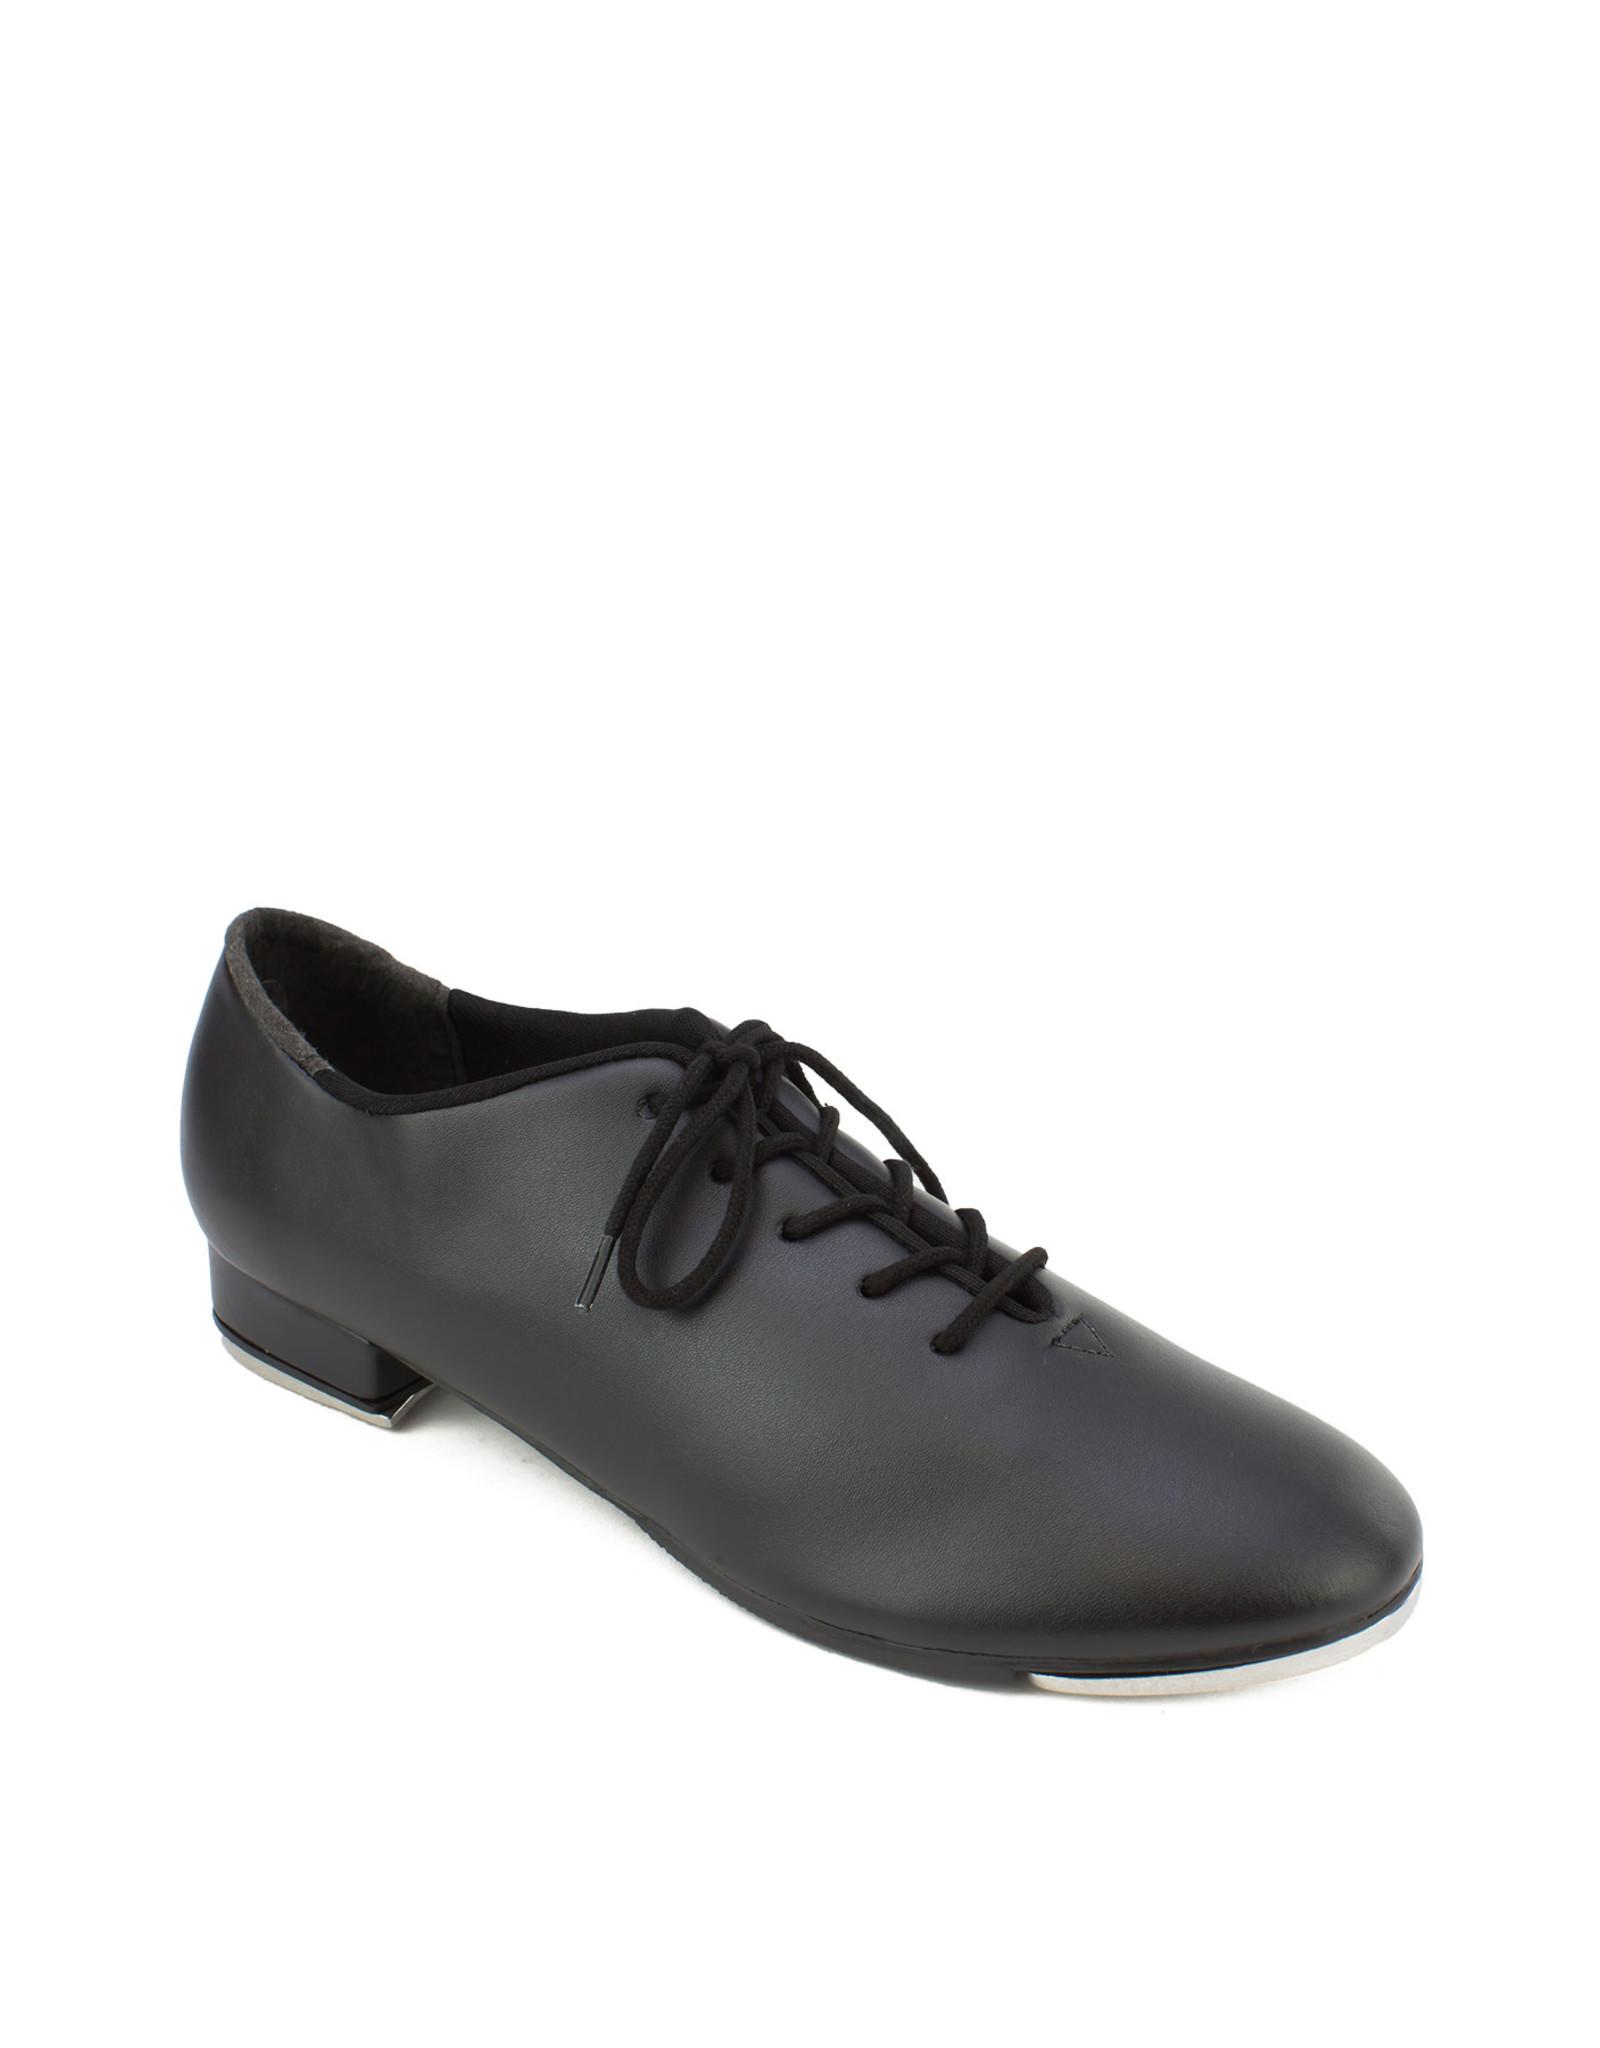 SoDanća TA04 OXFORD (LACE) Tap Shoes  BLACK